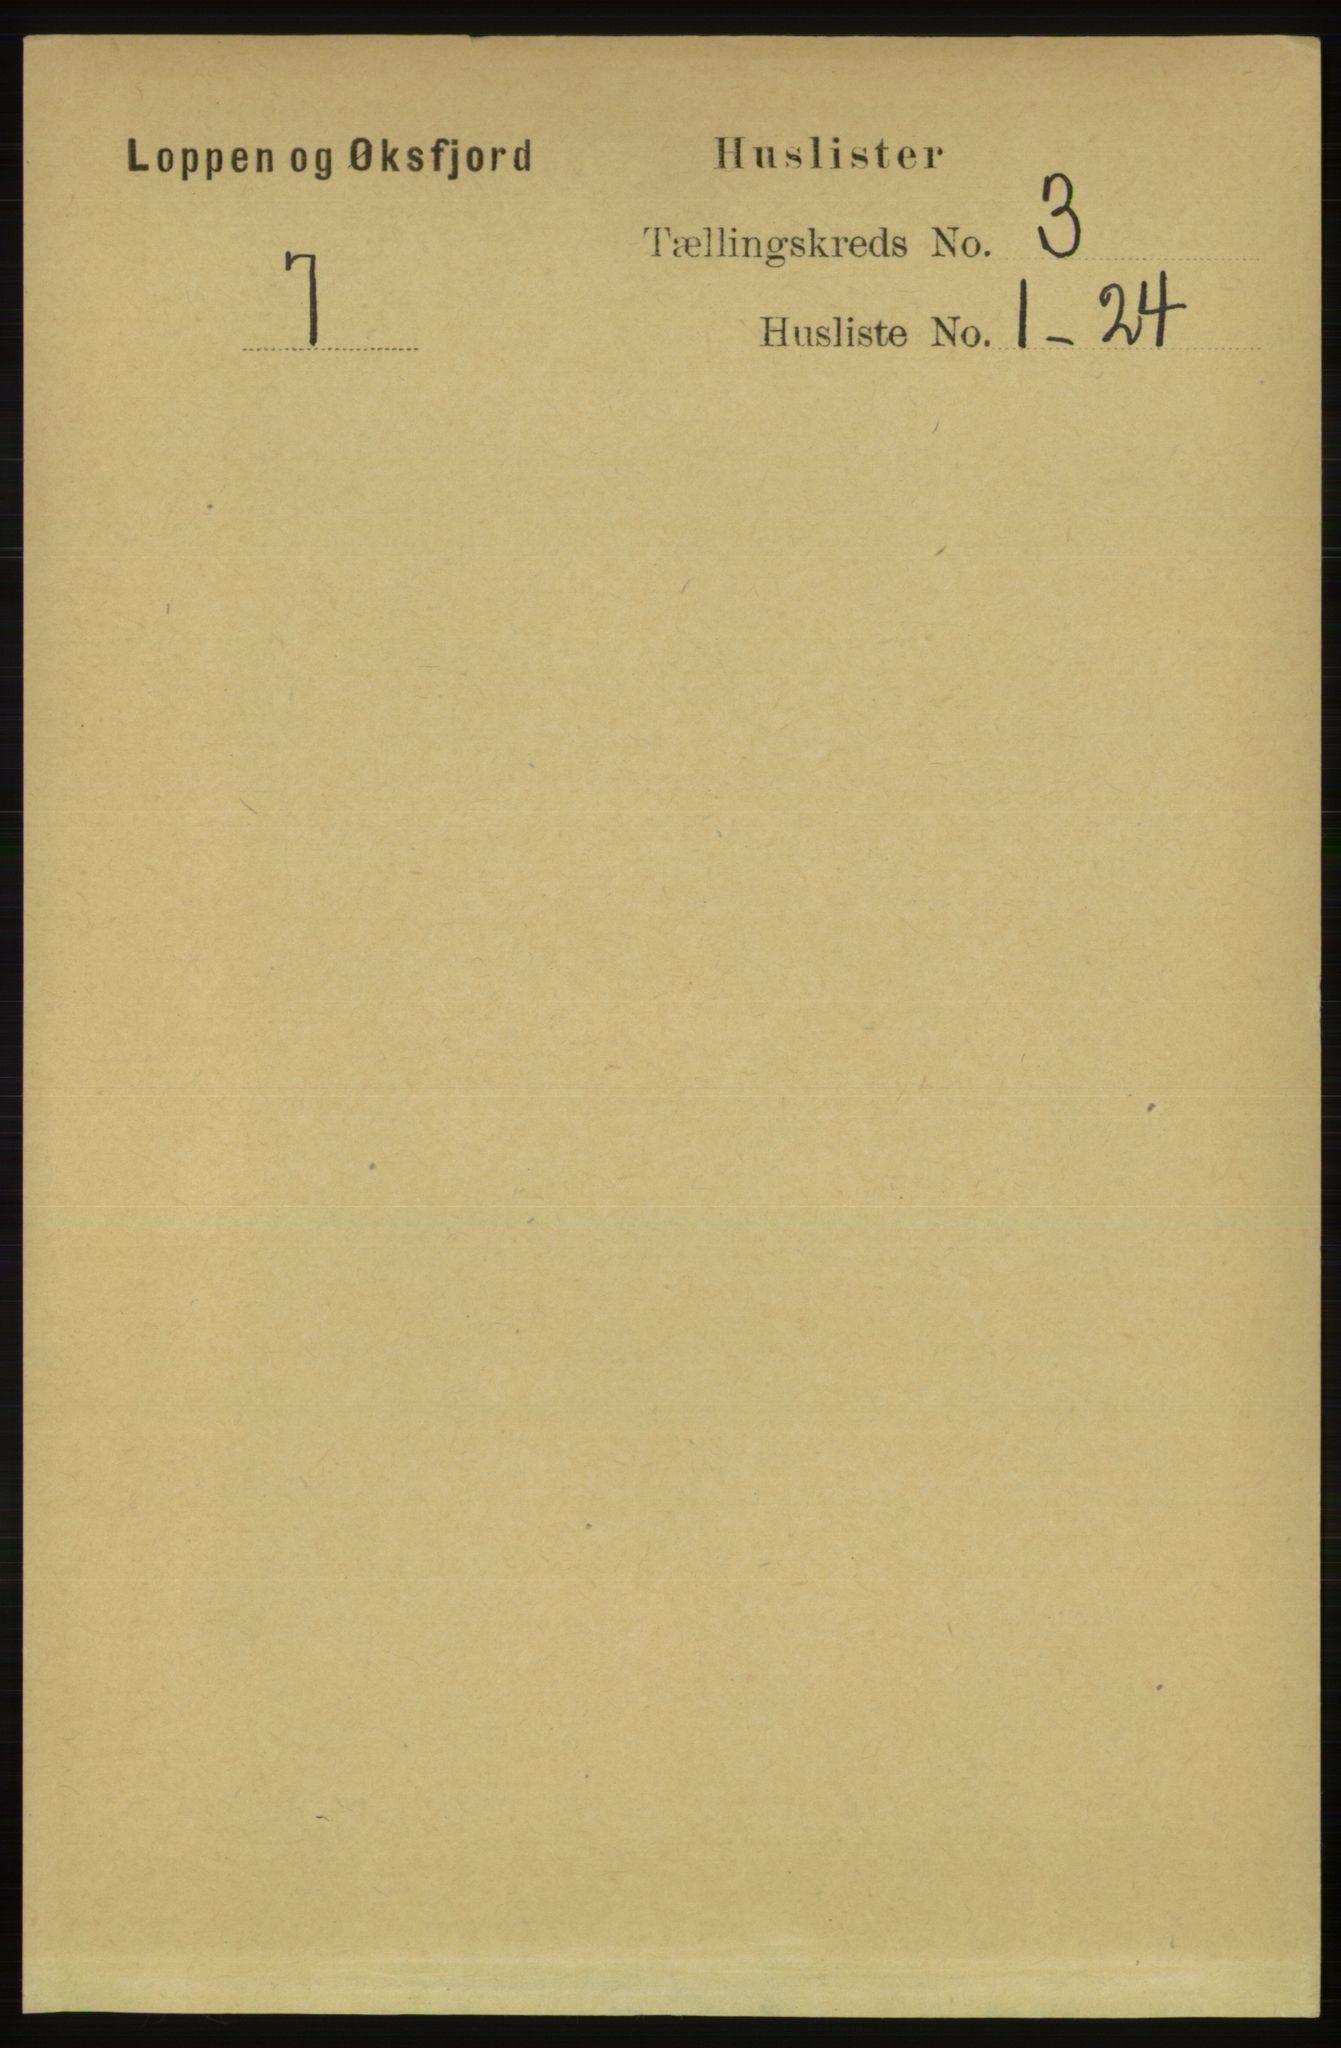 RA, Folketelling 1891 for 2014 Loppa herred, 1891, s. 648